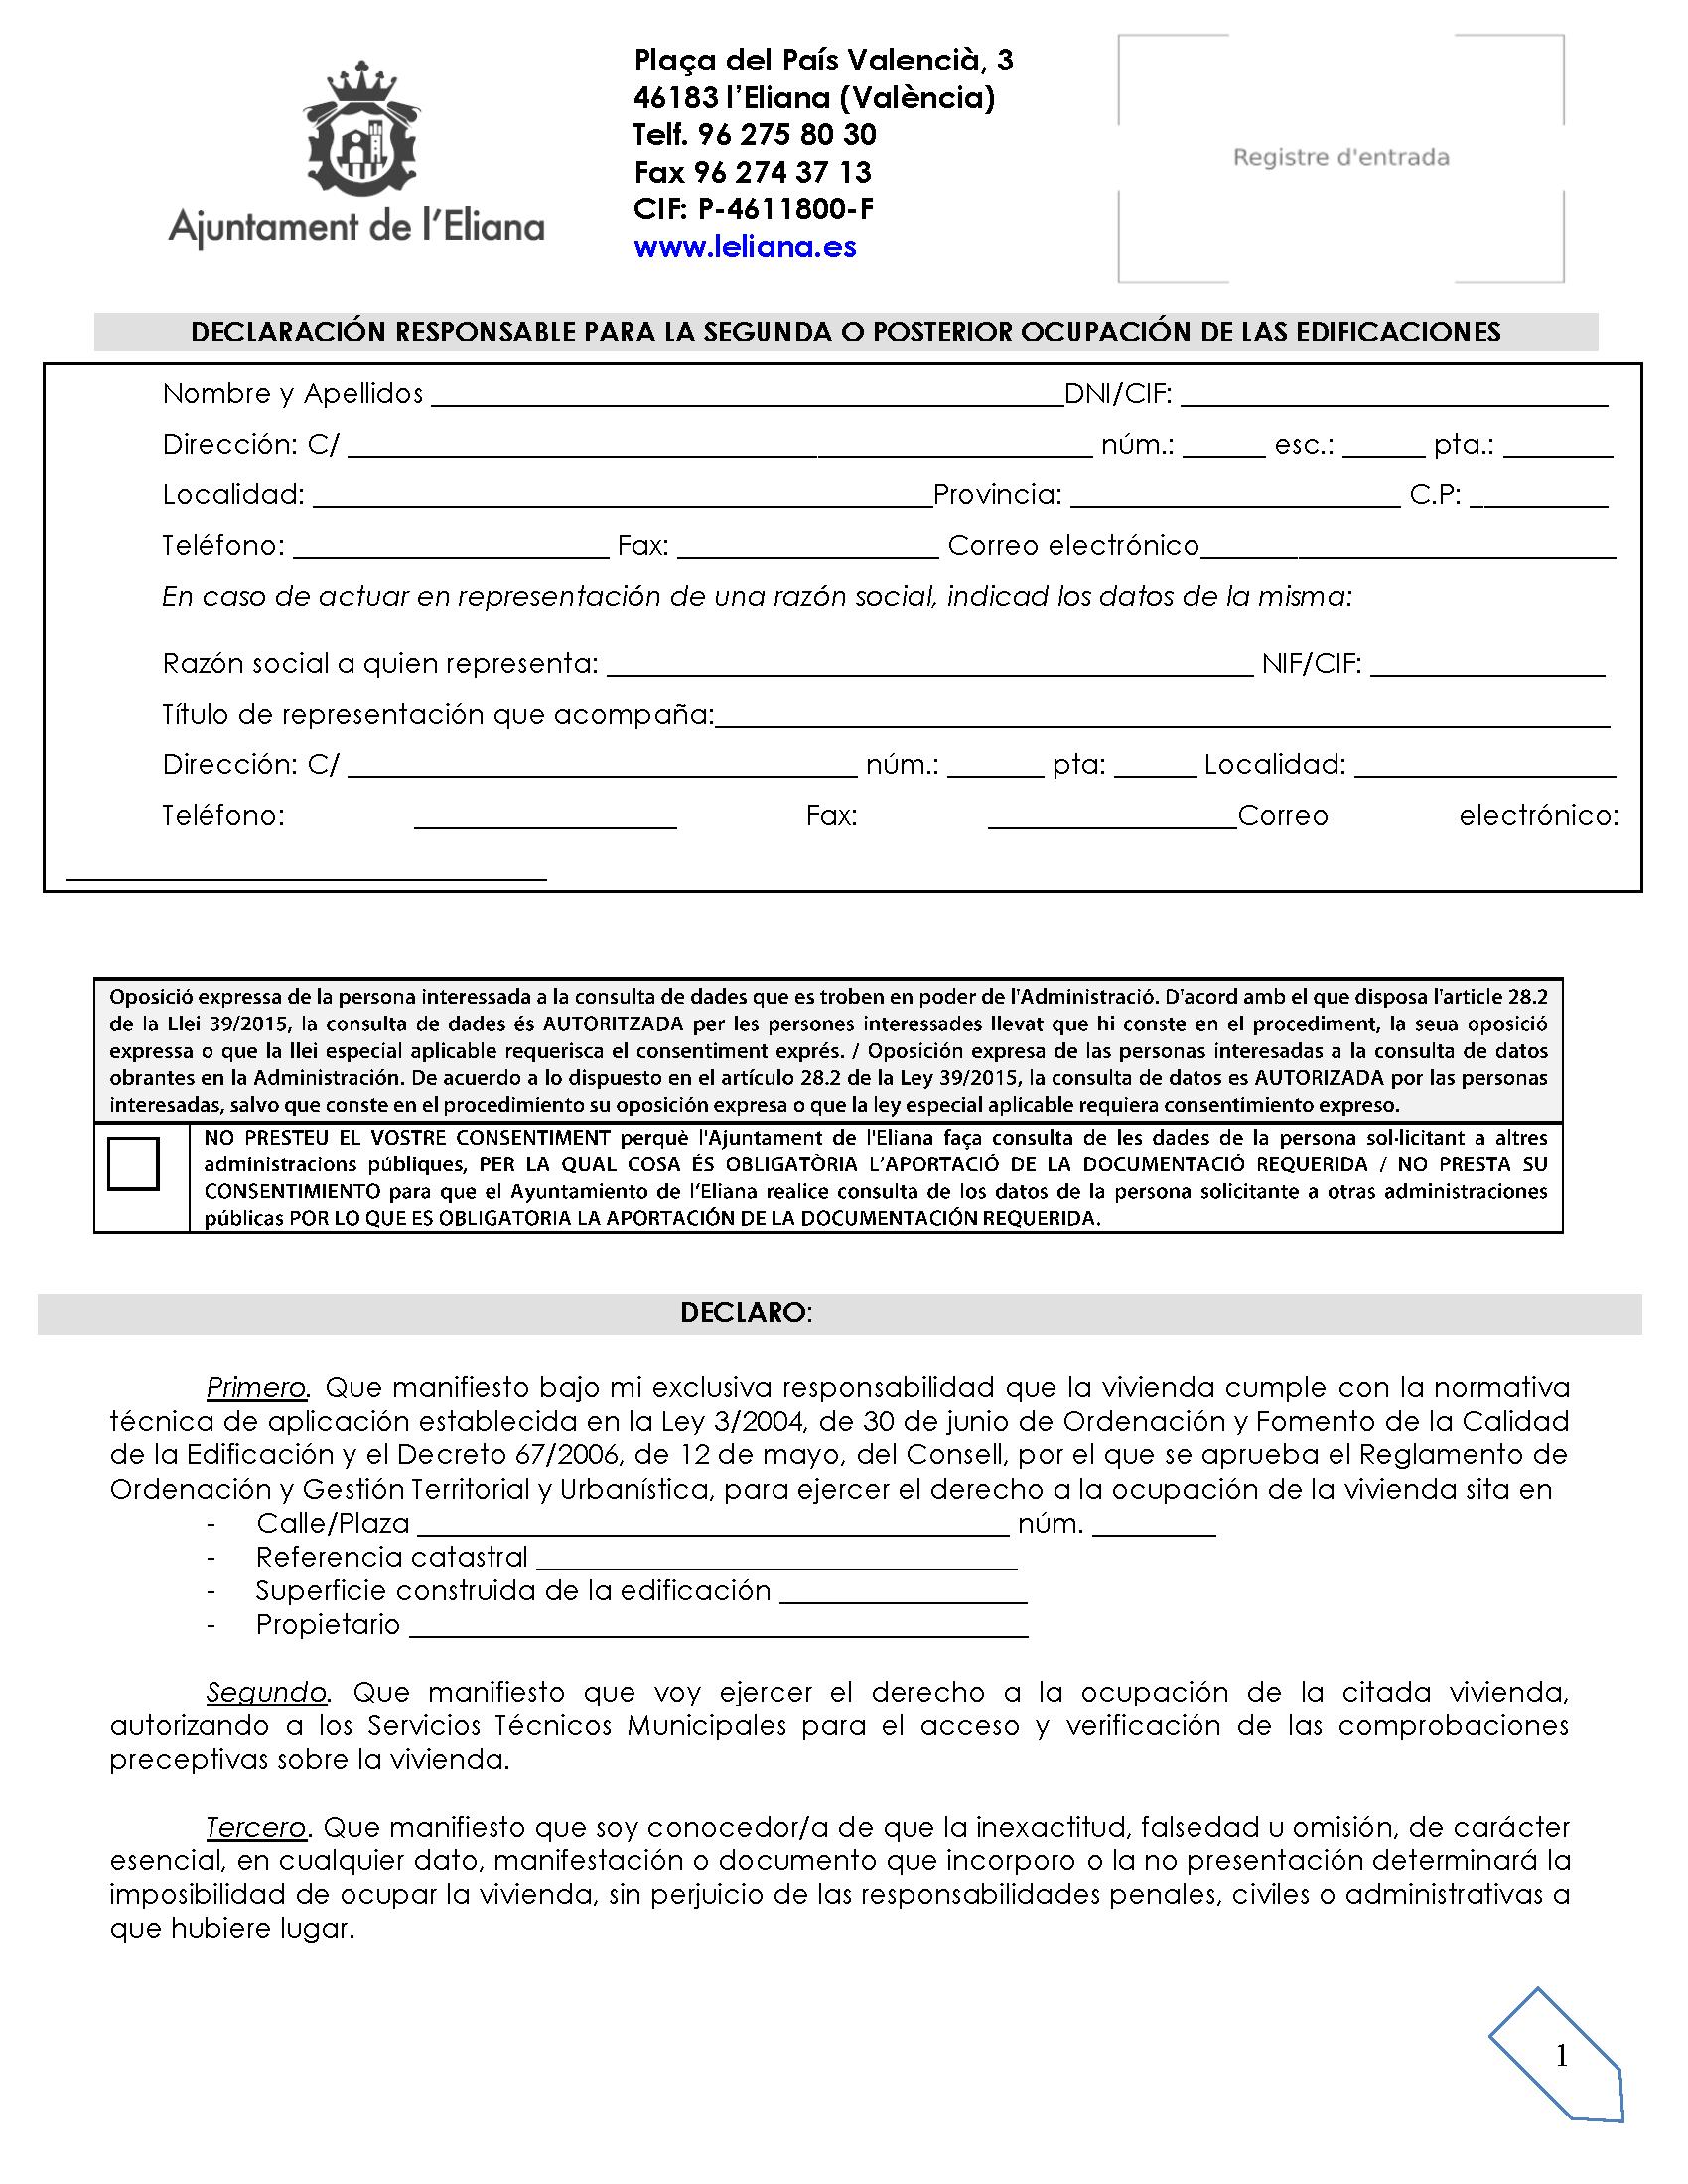 Impreso Declaración Responsable Segunda Ocupación La Eliana/L´Eliana